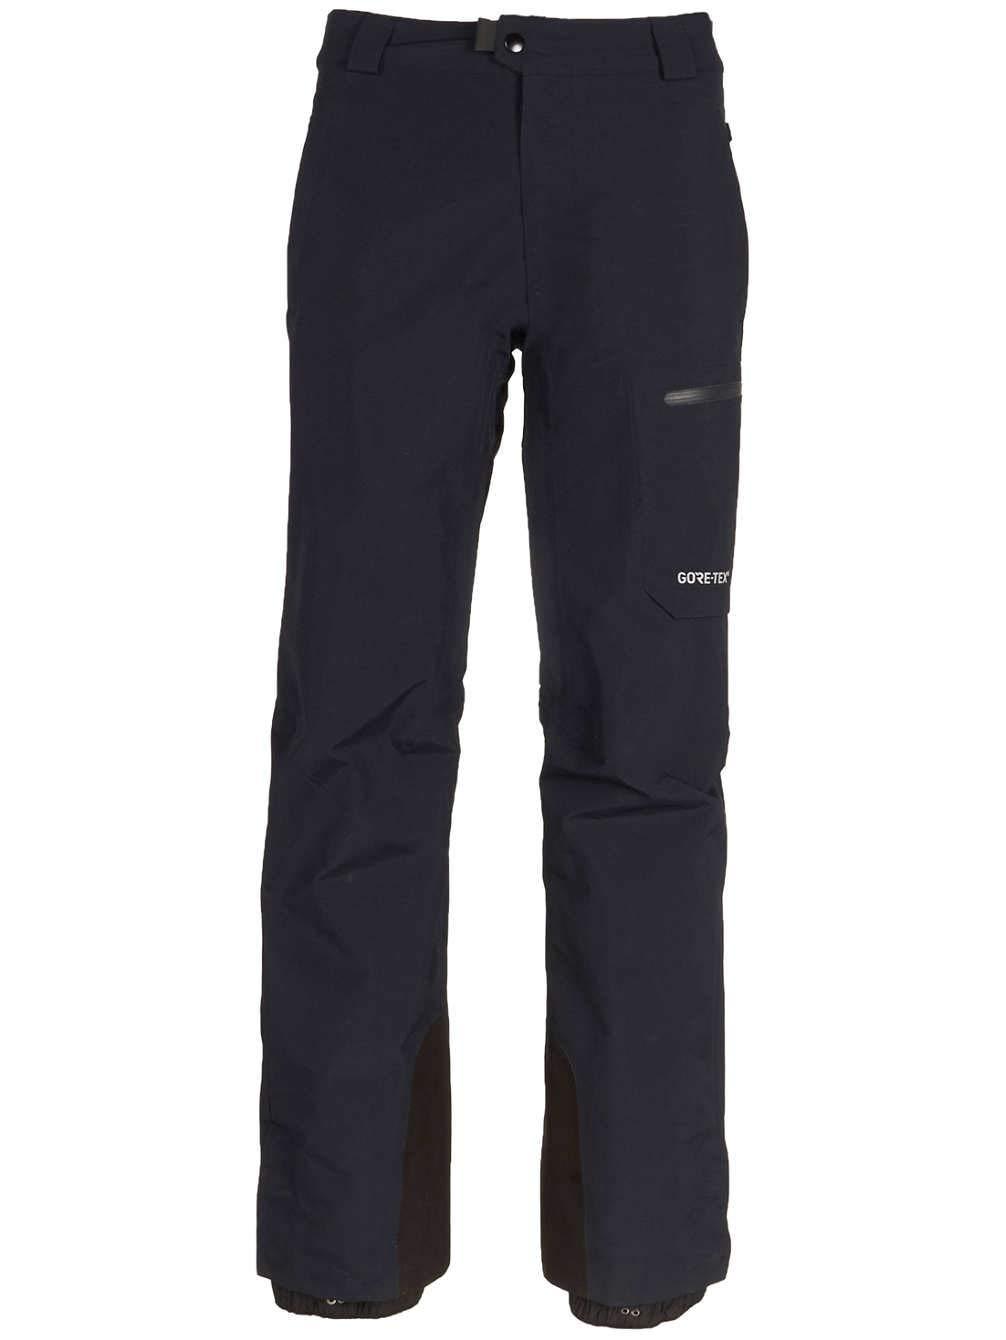 スノーボード ウェア 686 レディース パンツ GORE-TEX Utopia Pant Mサイズ